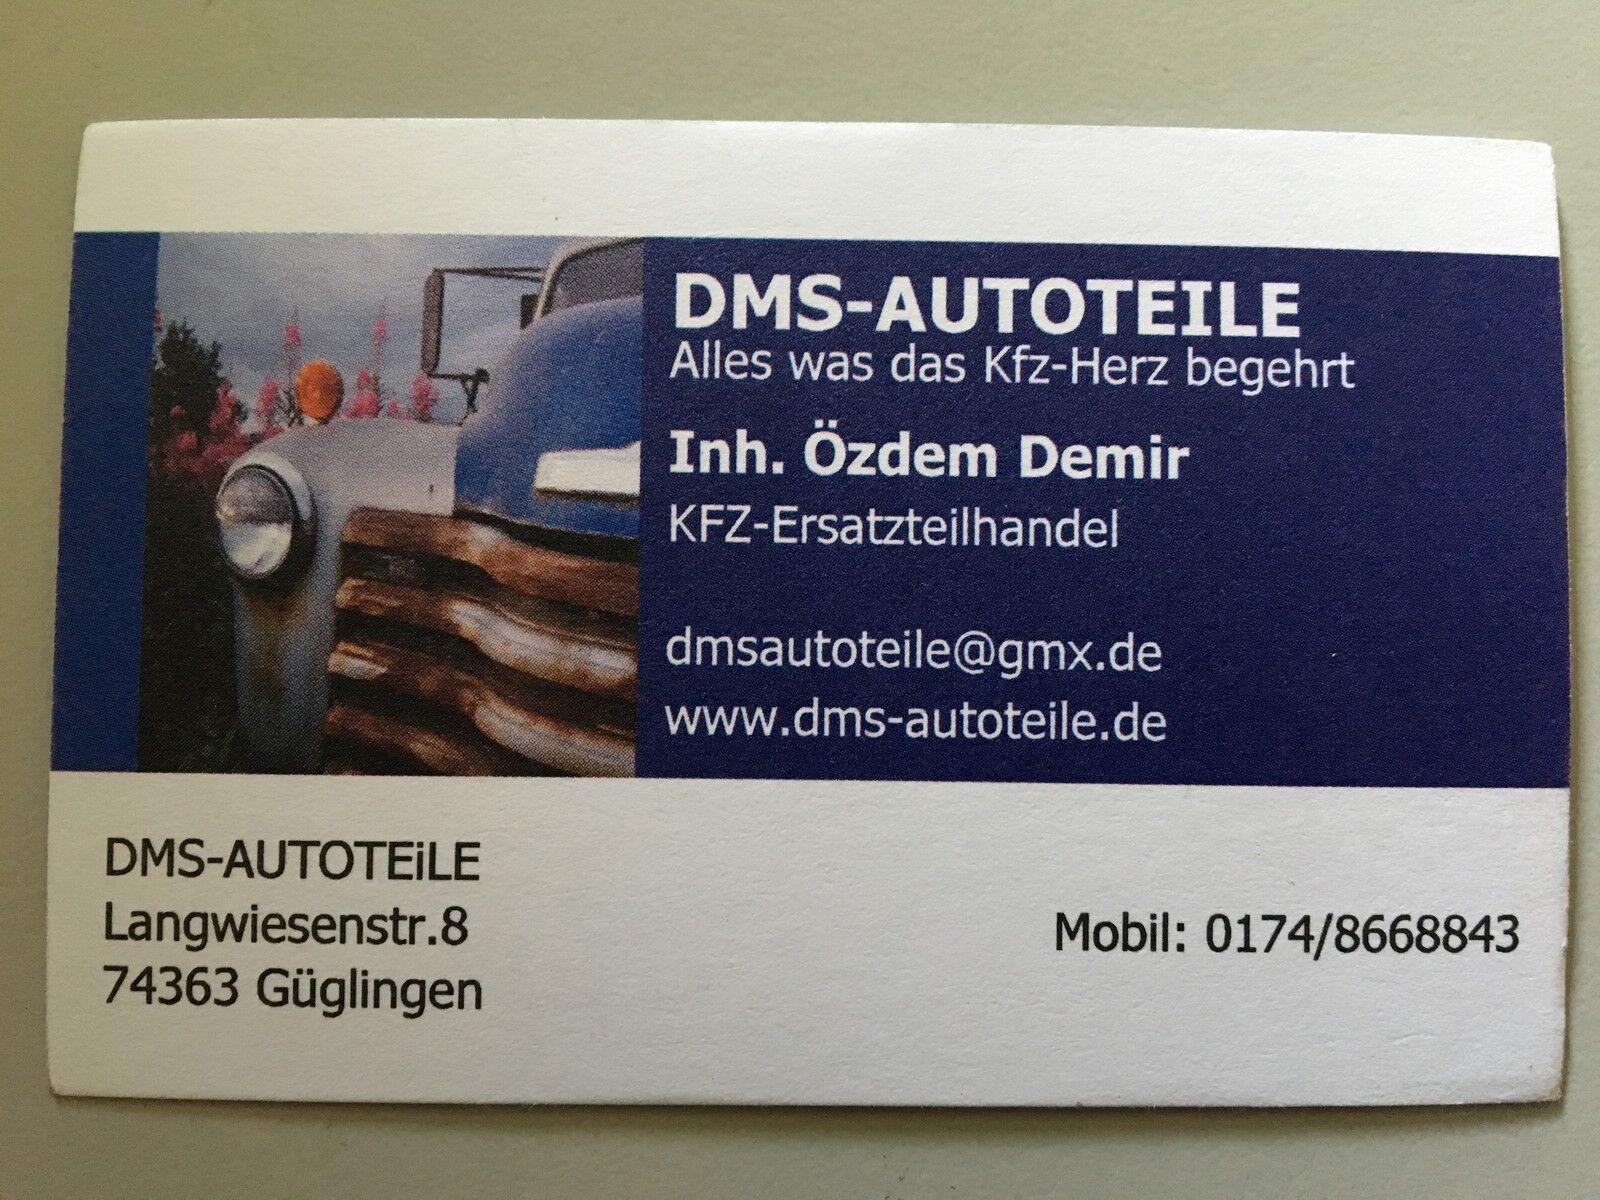 dms-autoteile24